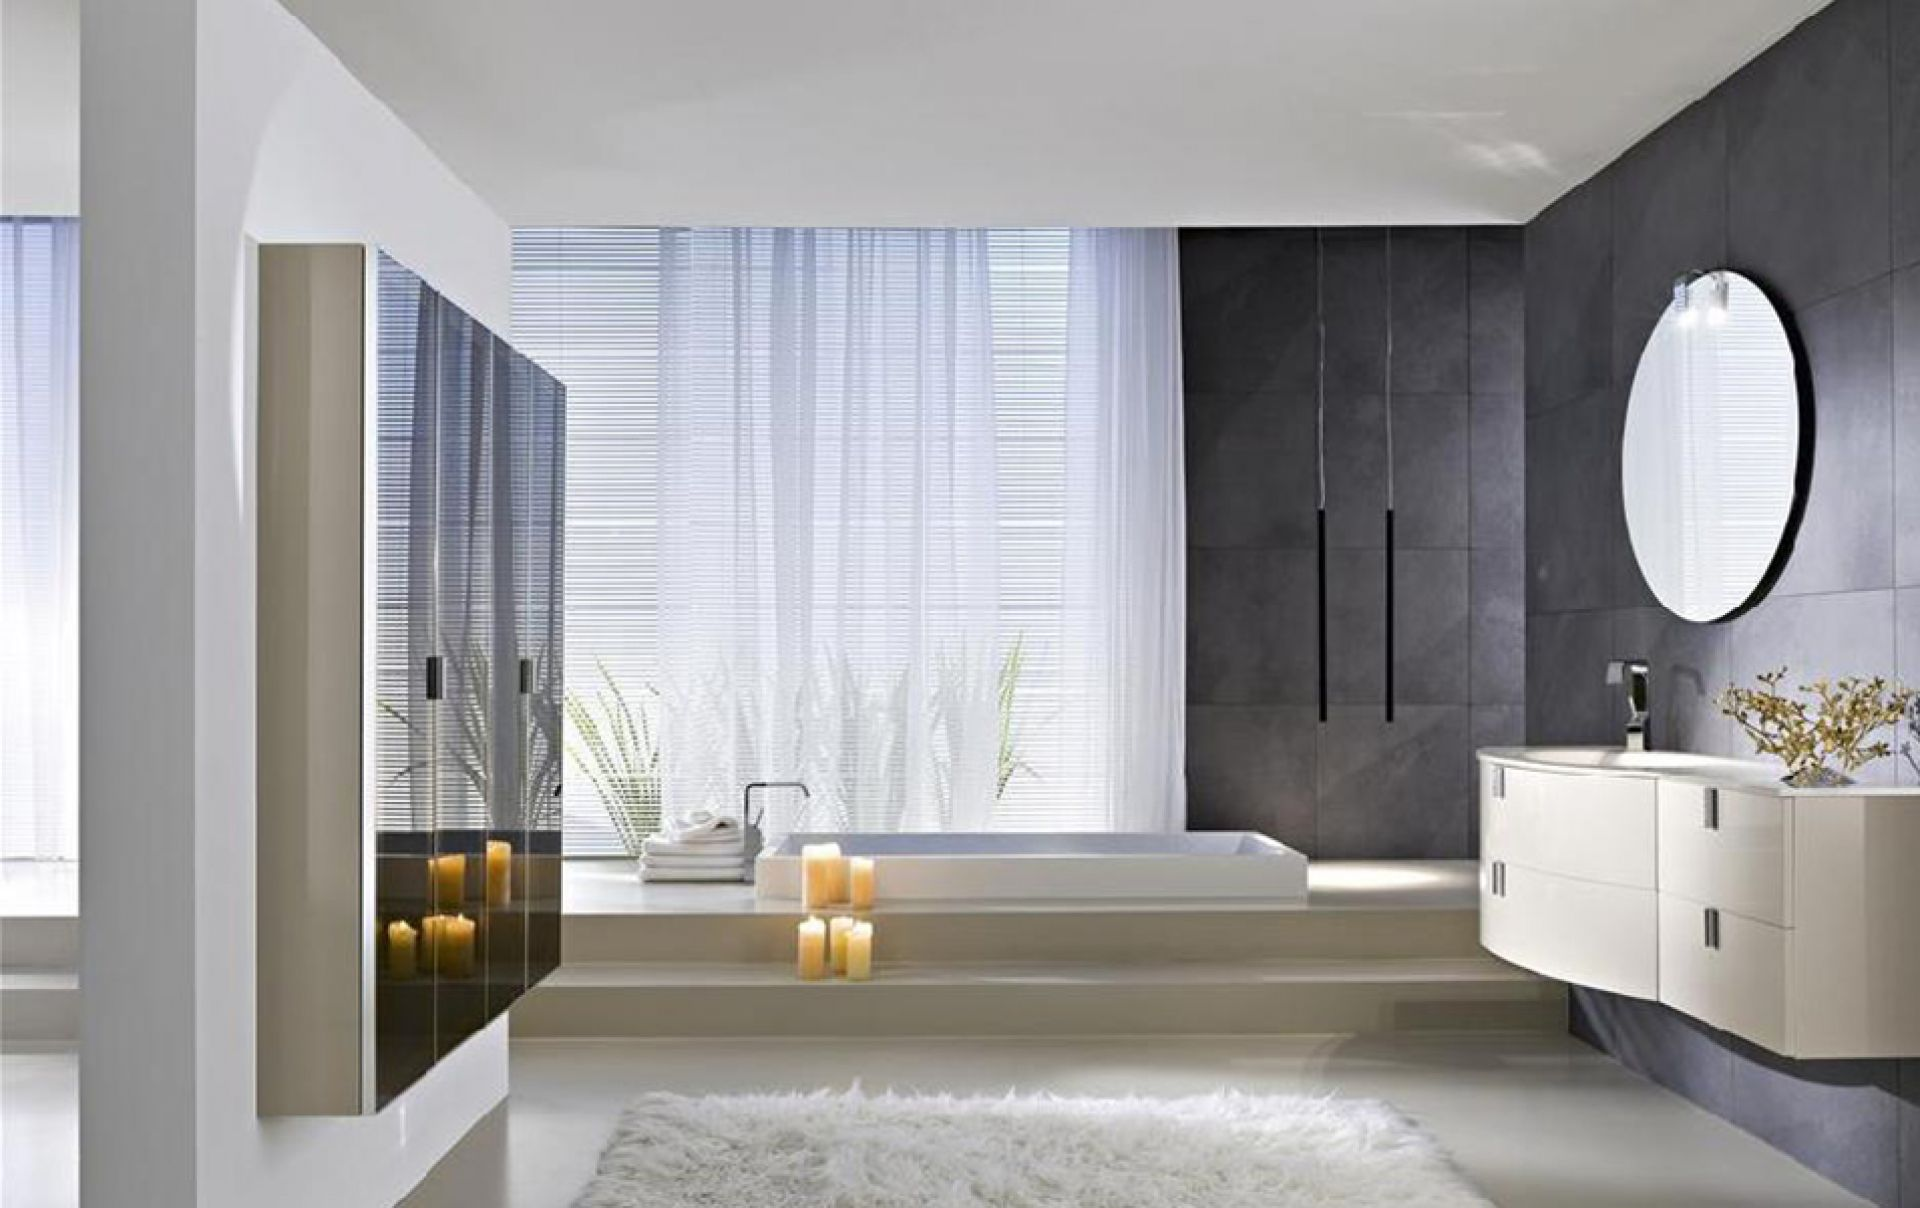 Vasche Da Bagno Normali Prezzi : Modelli vasche da bagno images modelli di vasche da bagno